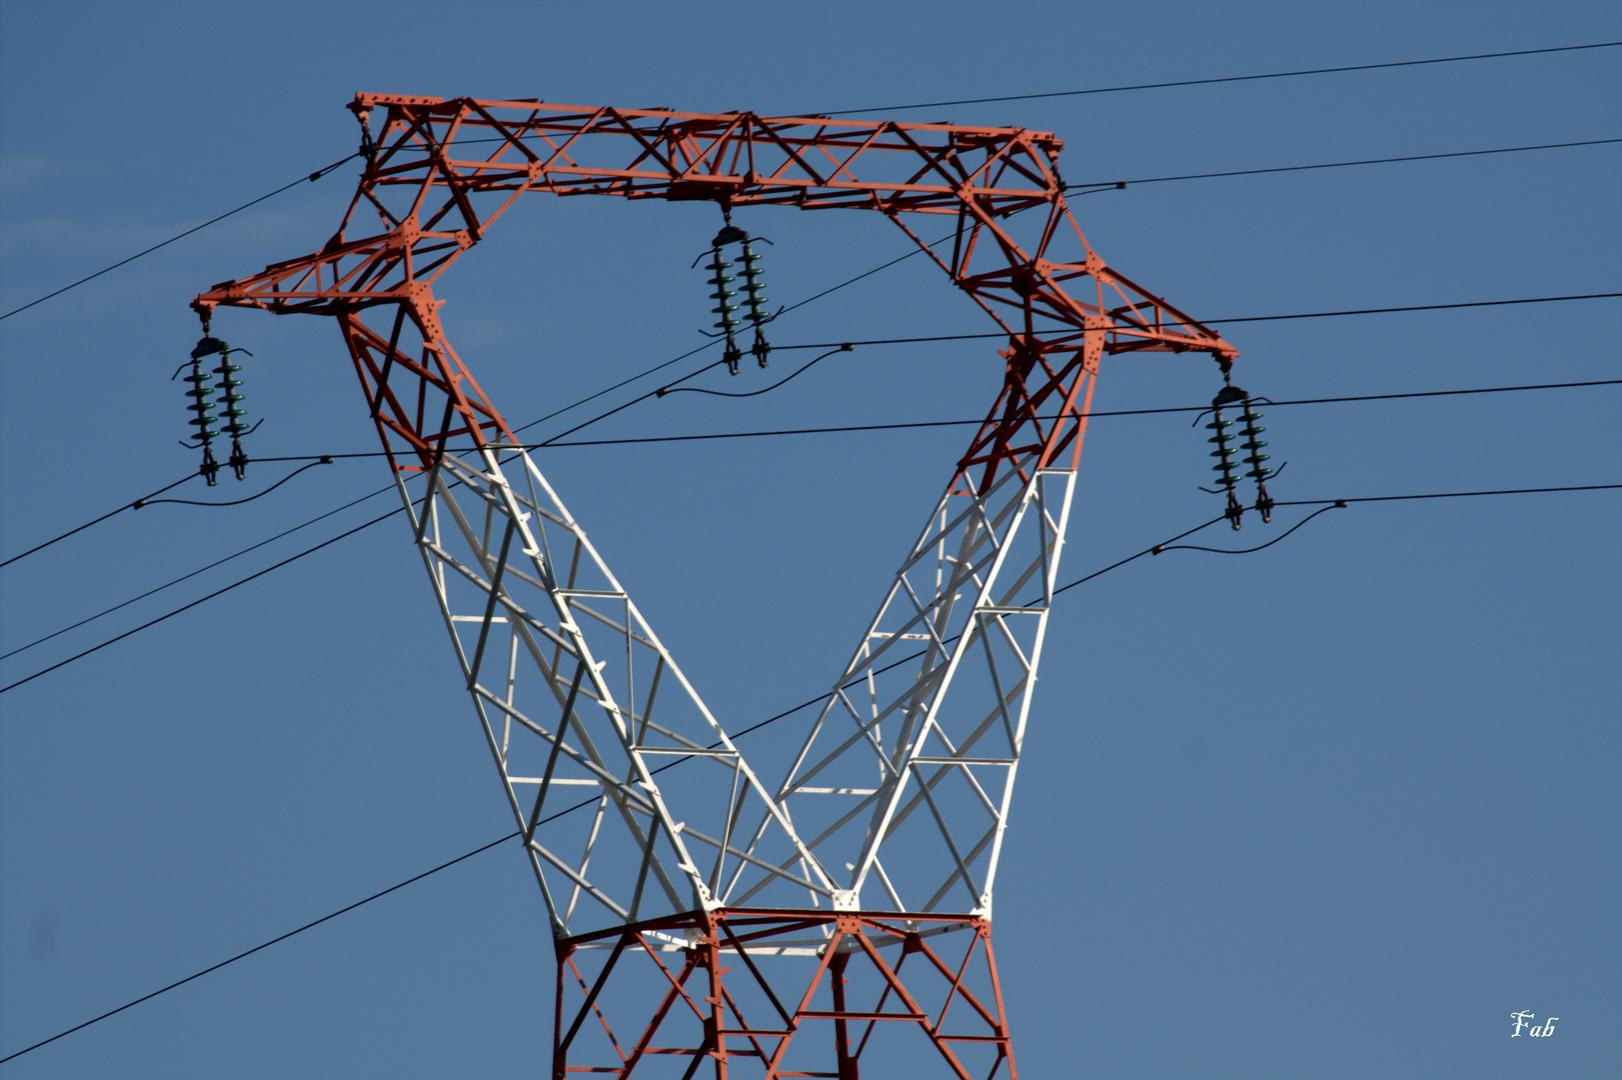 Y'a de l'électricité dans l'air